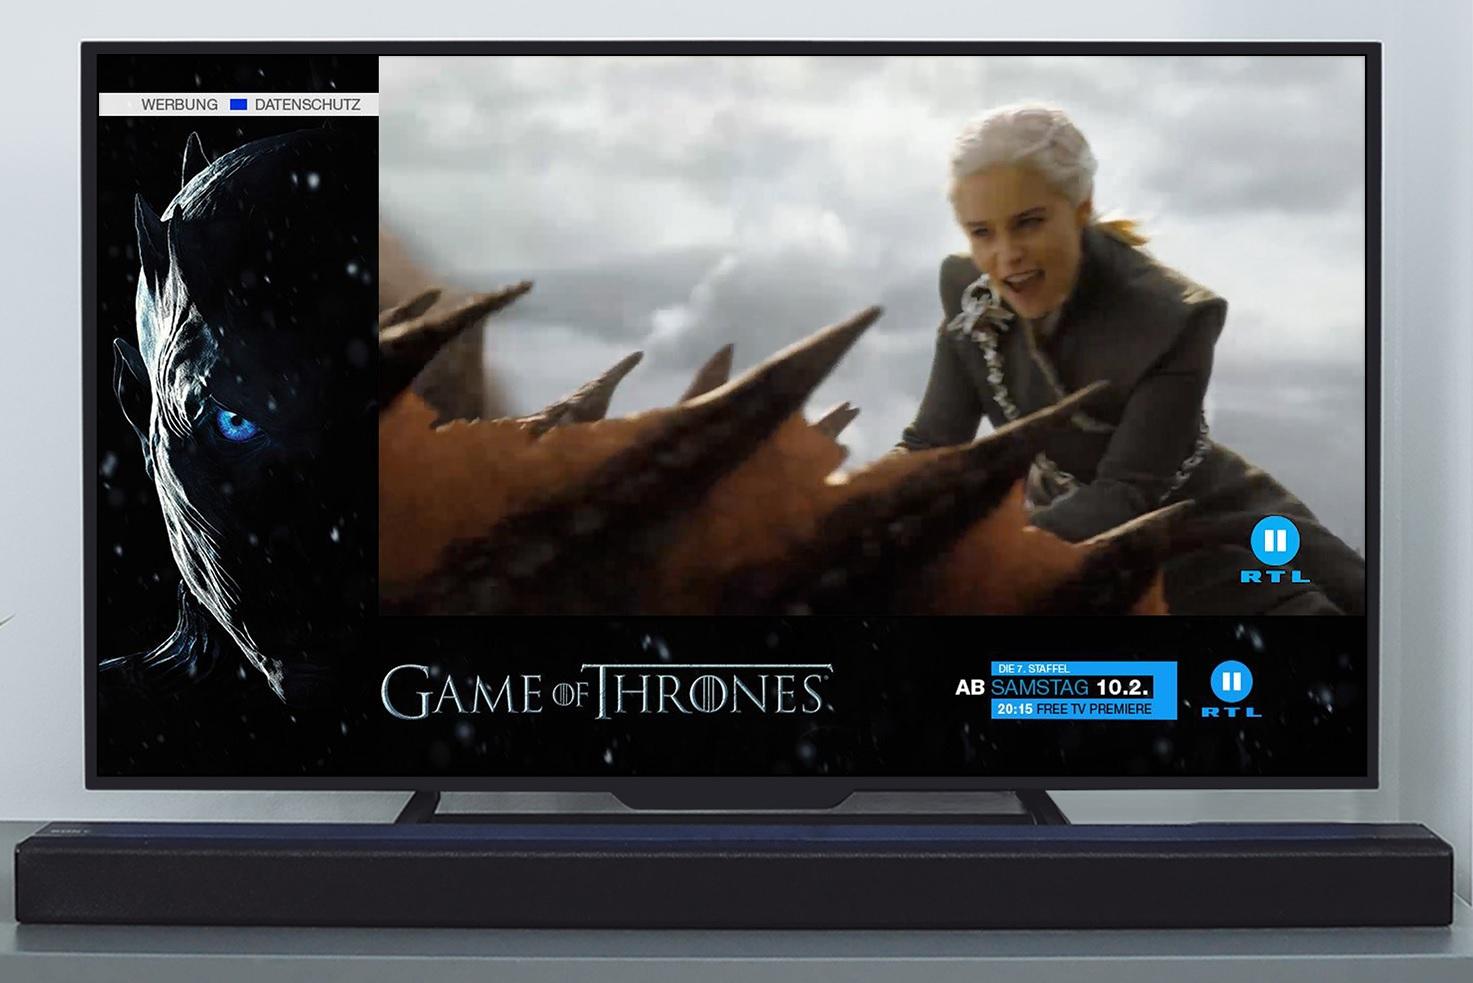 242d1986c8 Game of Thrones mit adressierbarer TV-Werbung | Marketing-BÖRSE